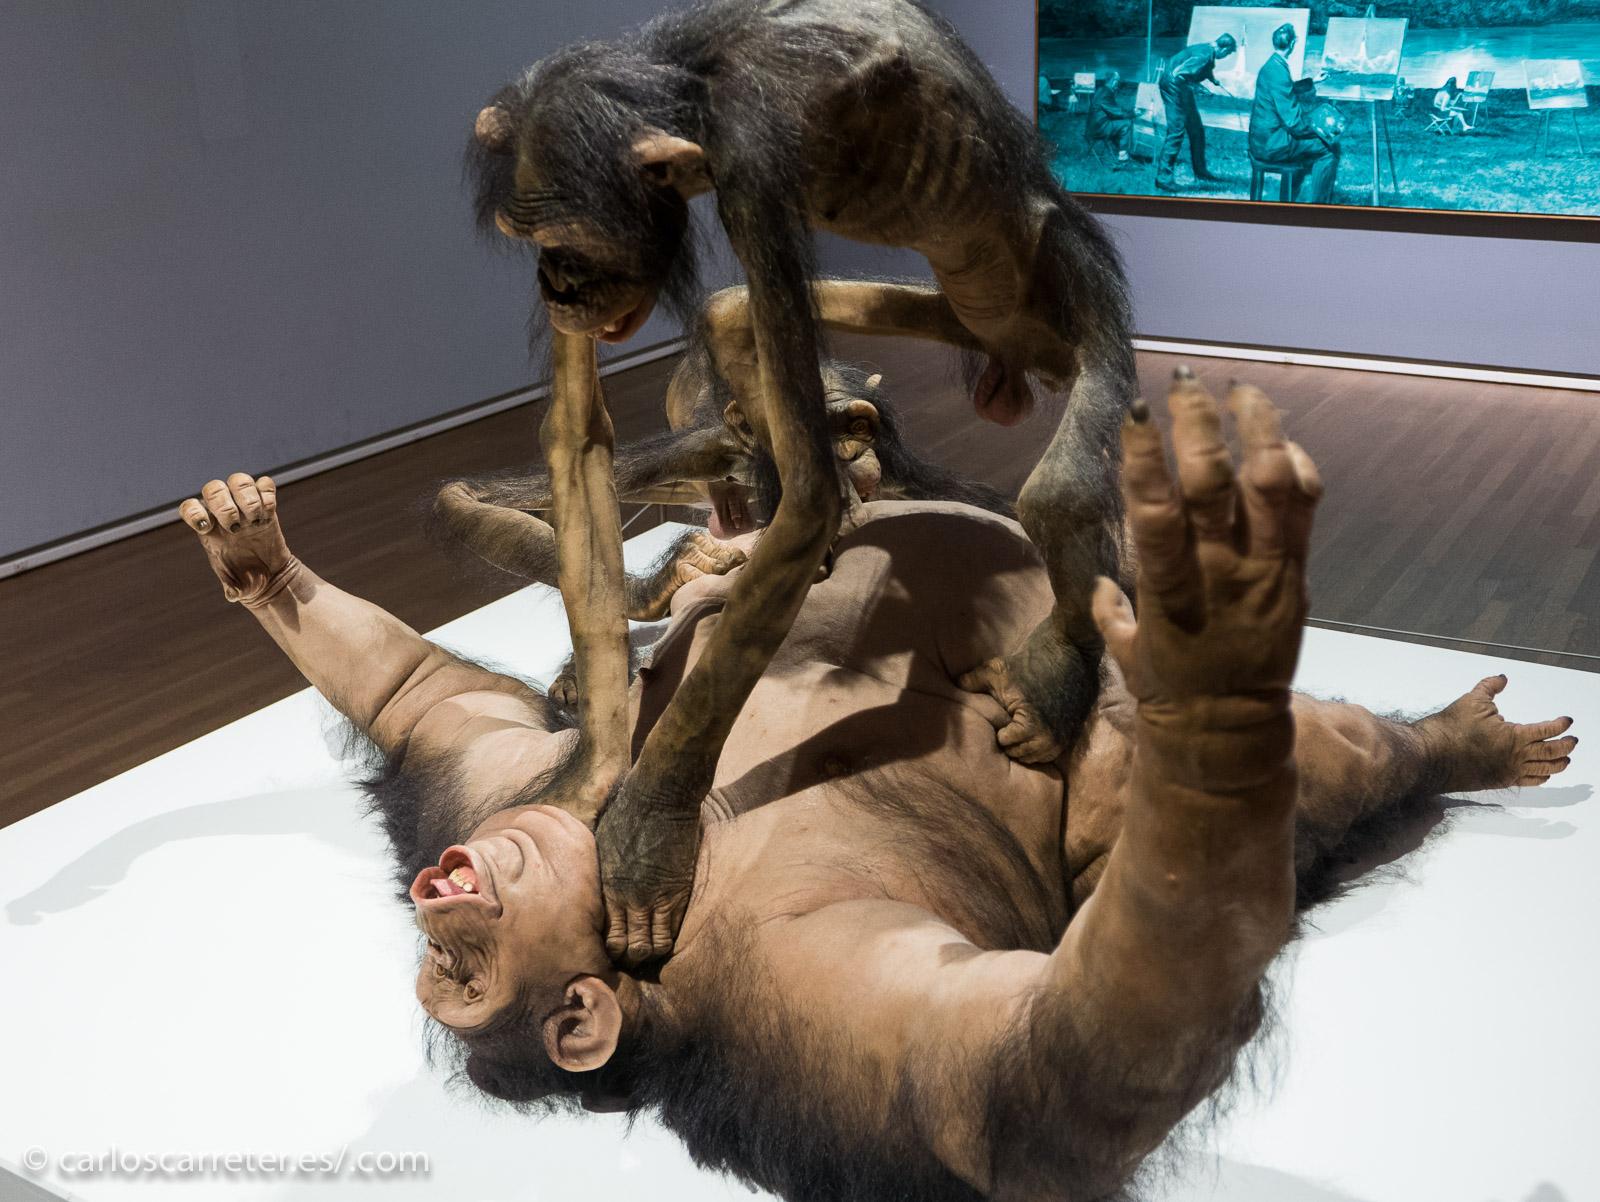 Pero las bajas pasiones y la violencia alcanzan a todos... esta escena que se puede ver en el Museo de Bellas Artes de Montreal, como el resto de las obras de esta entrada, me recuerda mucho a una escena del episodio final de la quinta temporada de Juego de Tronos. Pero con simios depilados en vez de peludos...